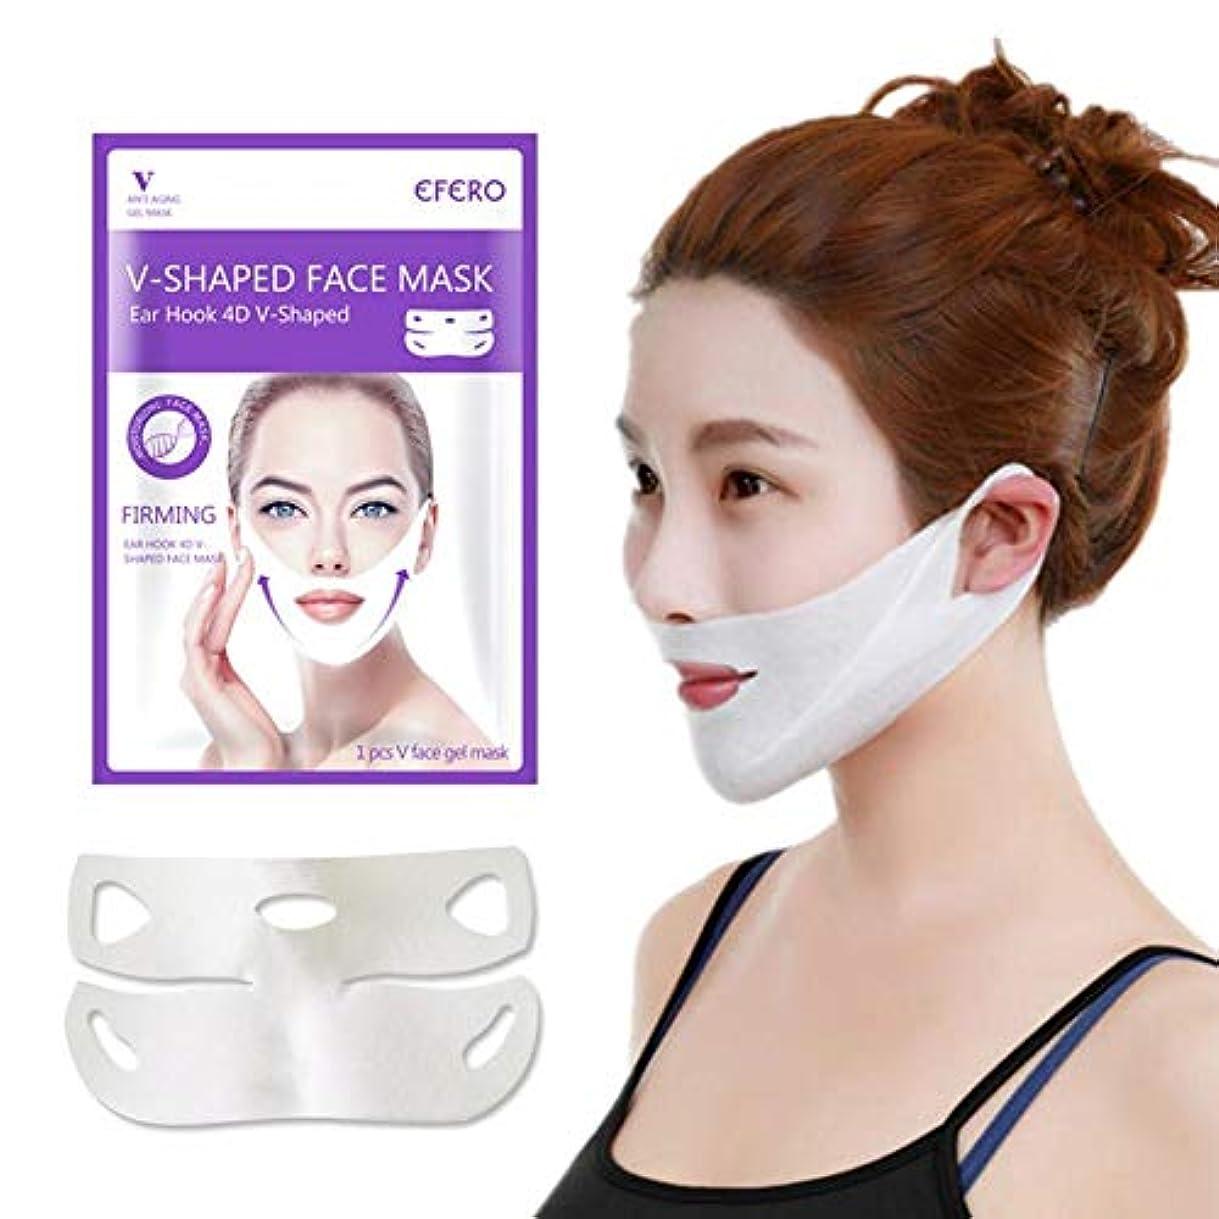 のヒープ余裕があるマグSILUN 小顔マスク Vラインマスク リフティングファー ミングモイスチャライジングフェイスマスク ネックタイトフェイスフェイス 美顔 男女兼用